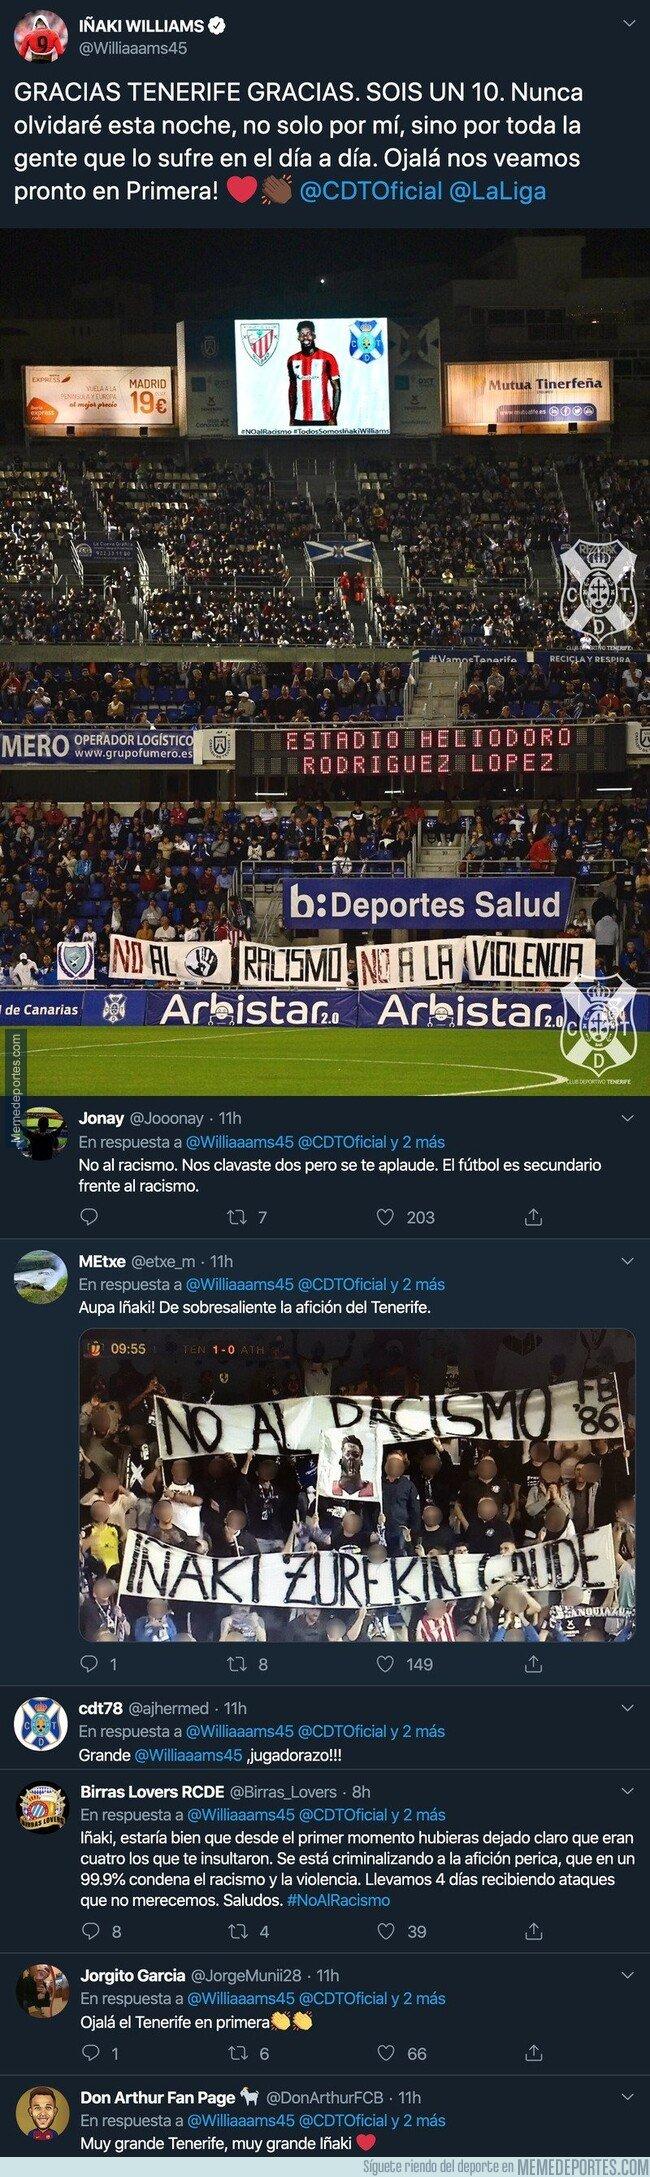 1097048 - El enorme gesto del Tenerife y todos sus aficionados con Iñaki Williams que no olvidará en la vida tras sufrir ataques racistas